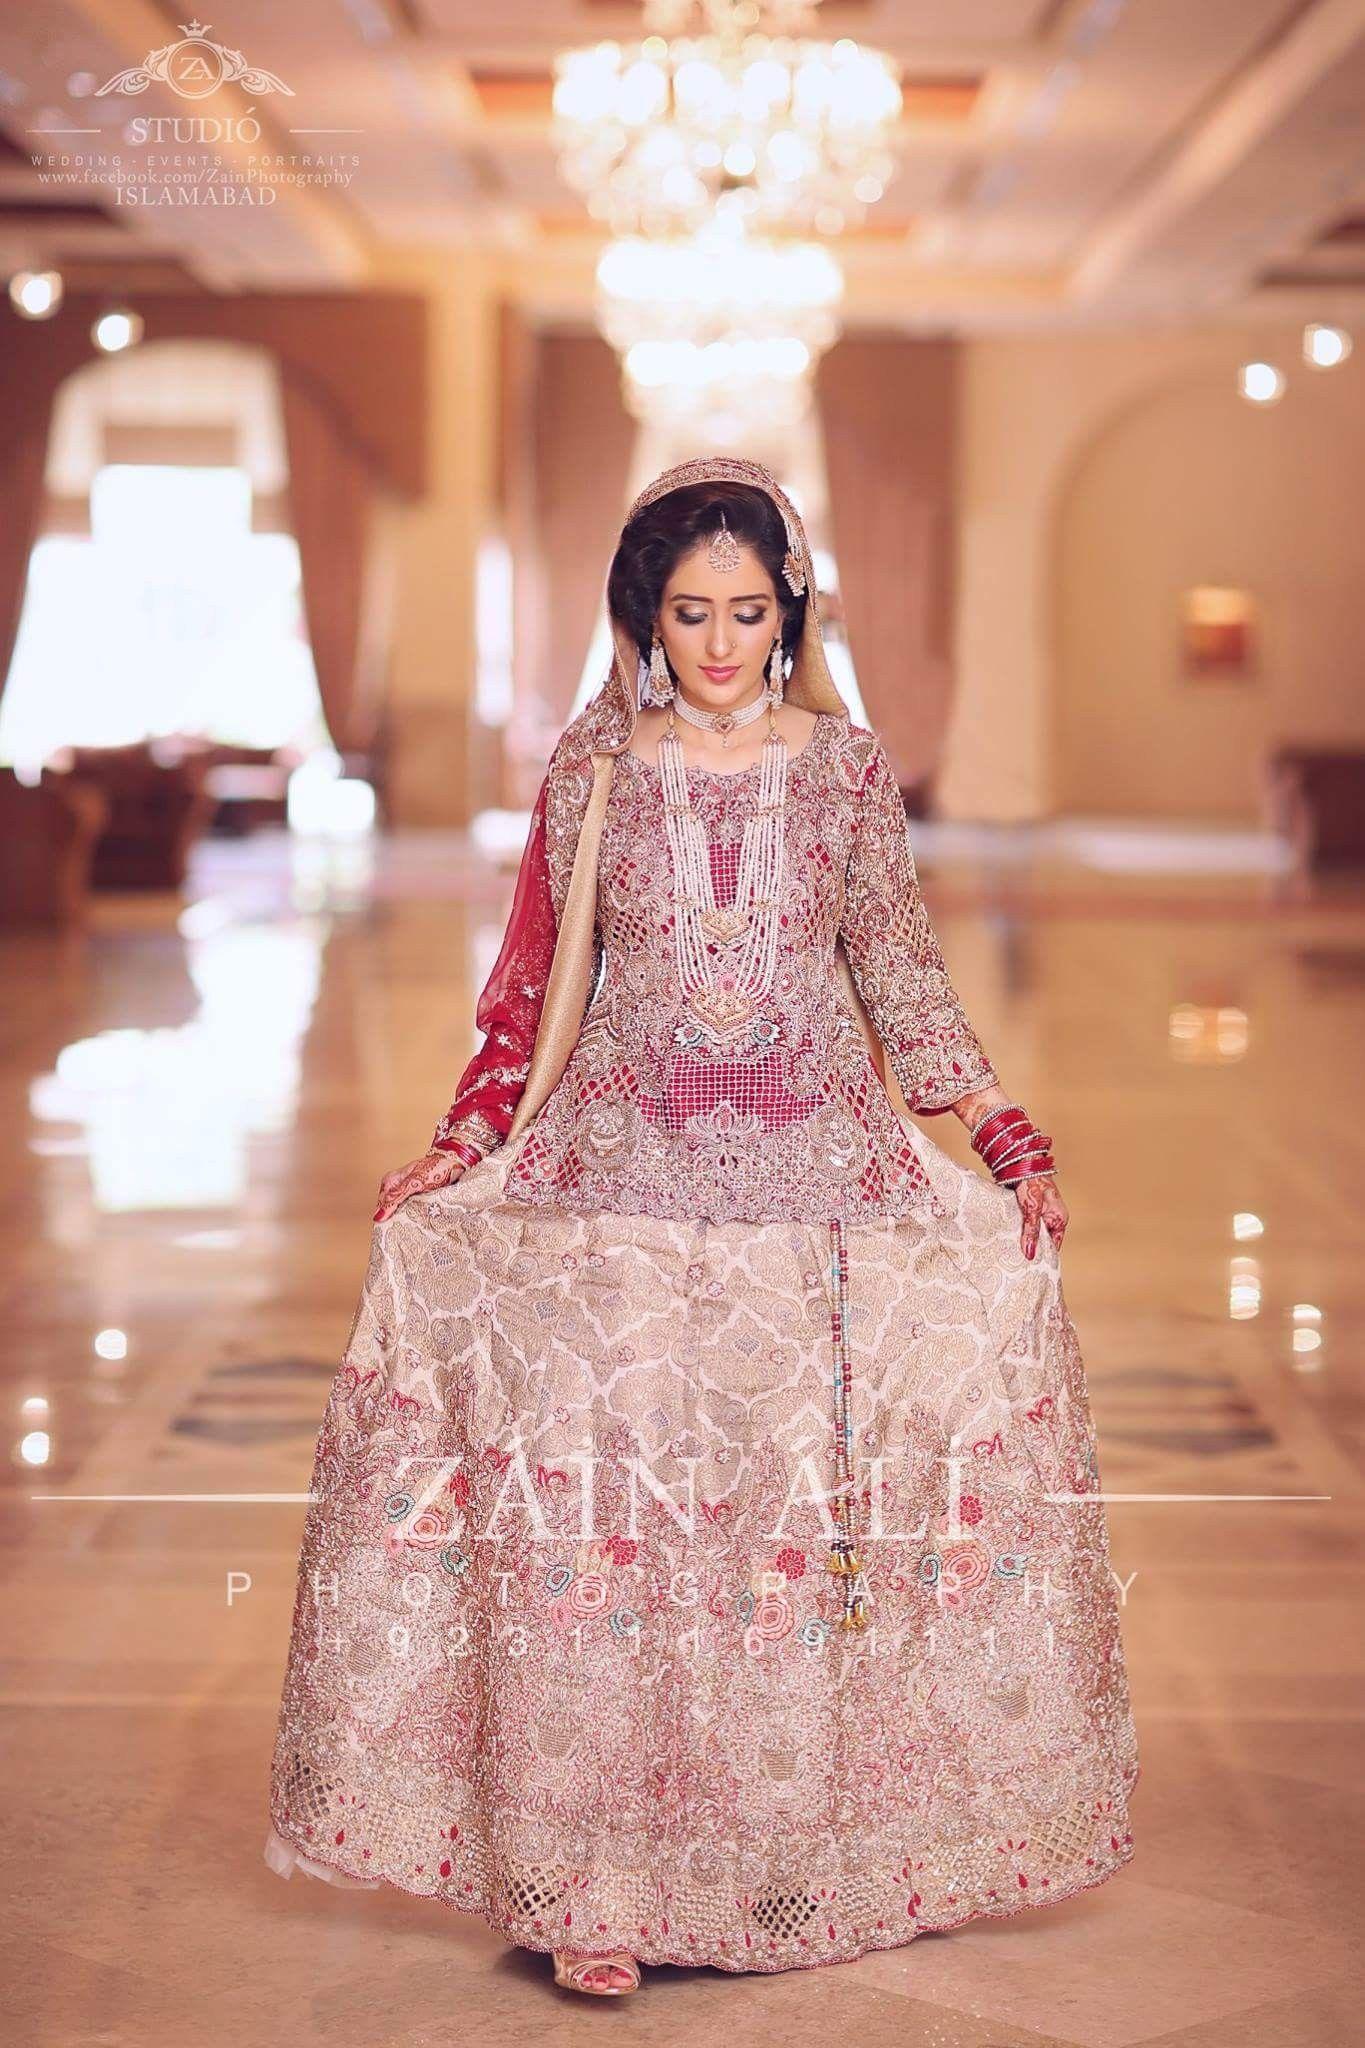 Pin de alina ch en Bridal dresses | Pinterest | Boda